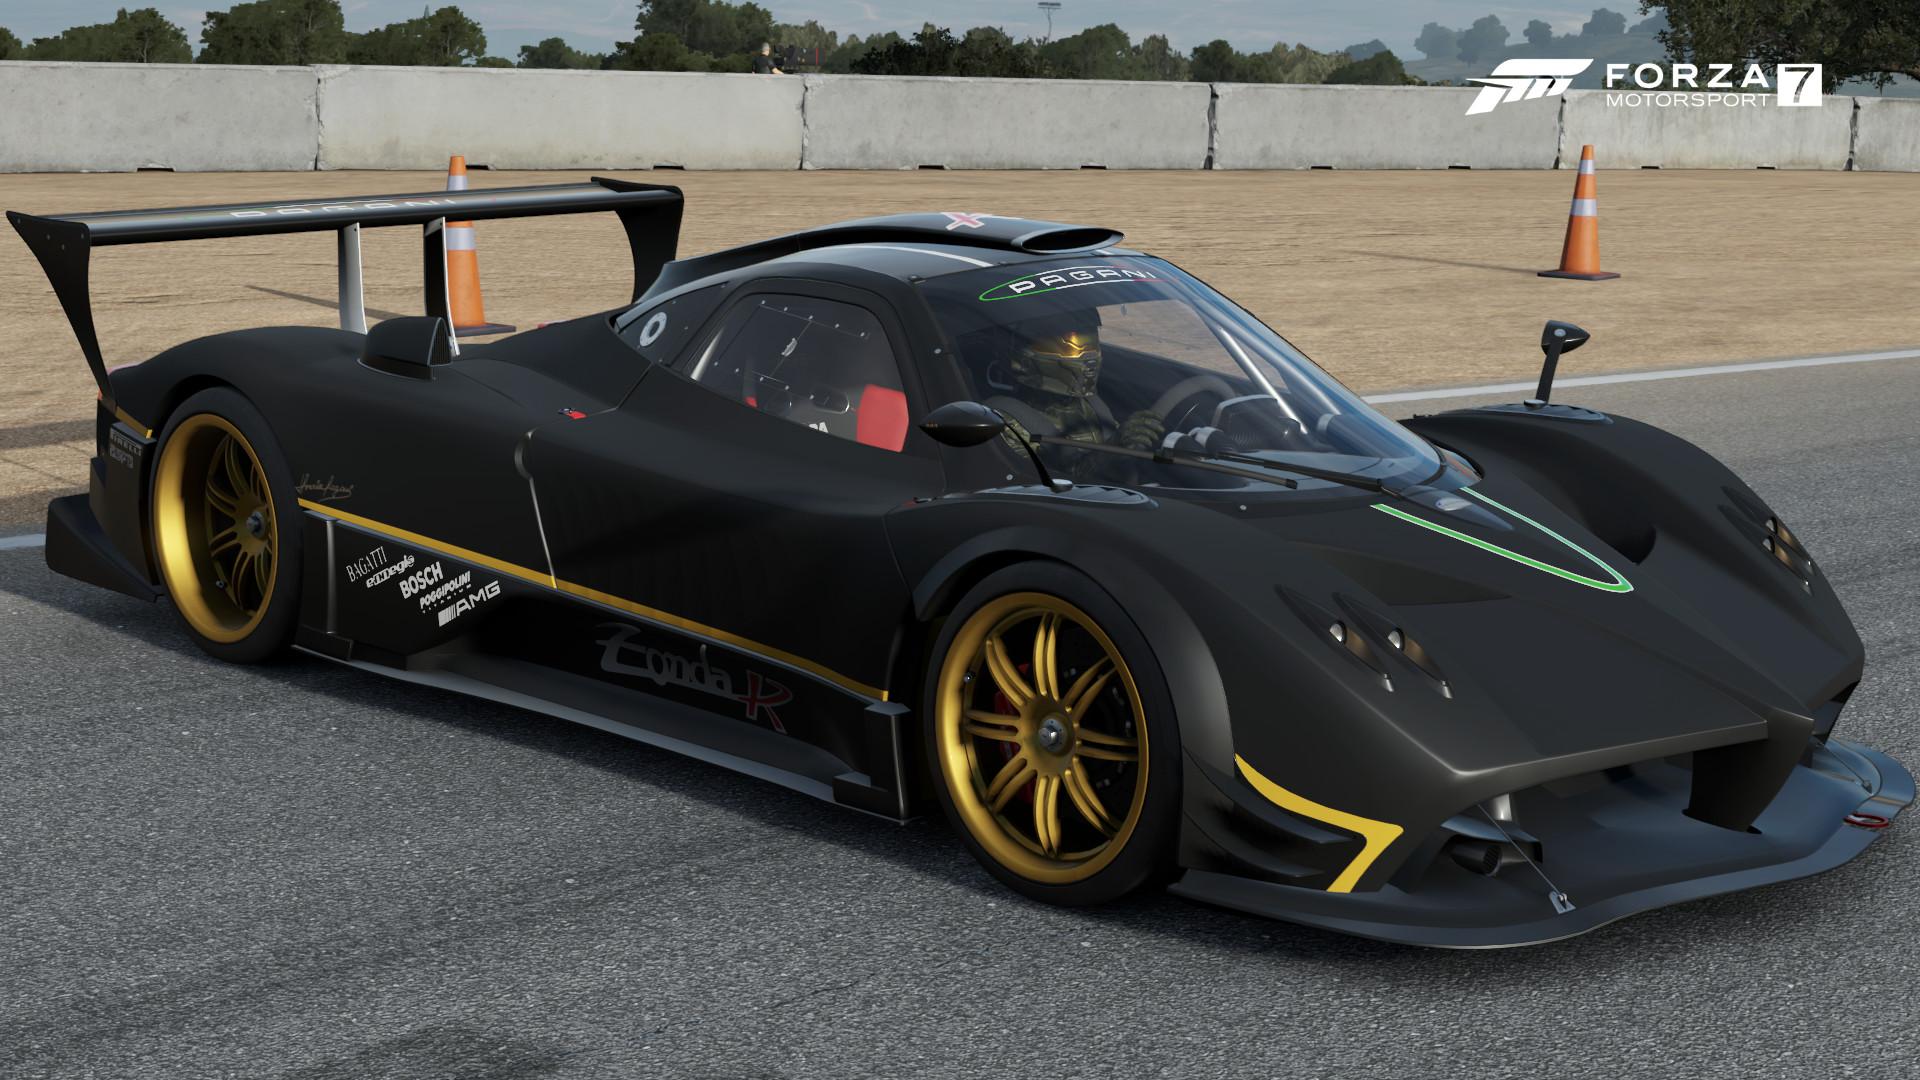 Pagani Zonda R | Forza Motorsport Wiki | FANDOM powered by Wikia